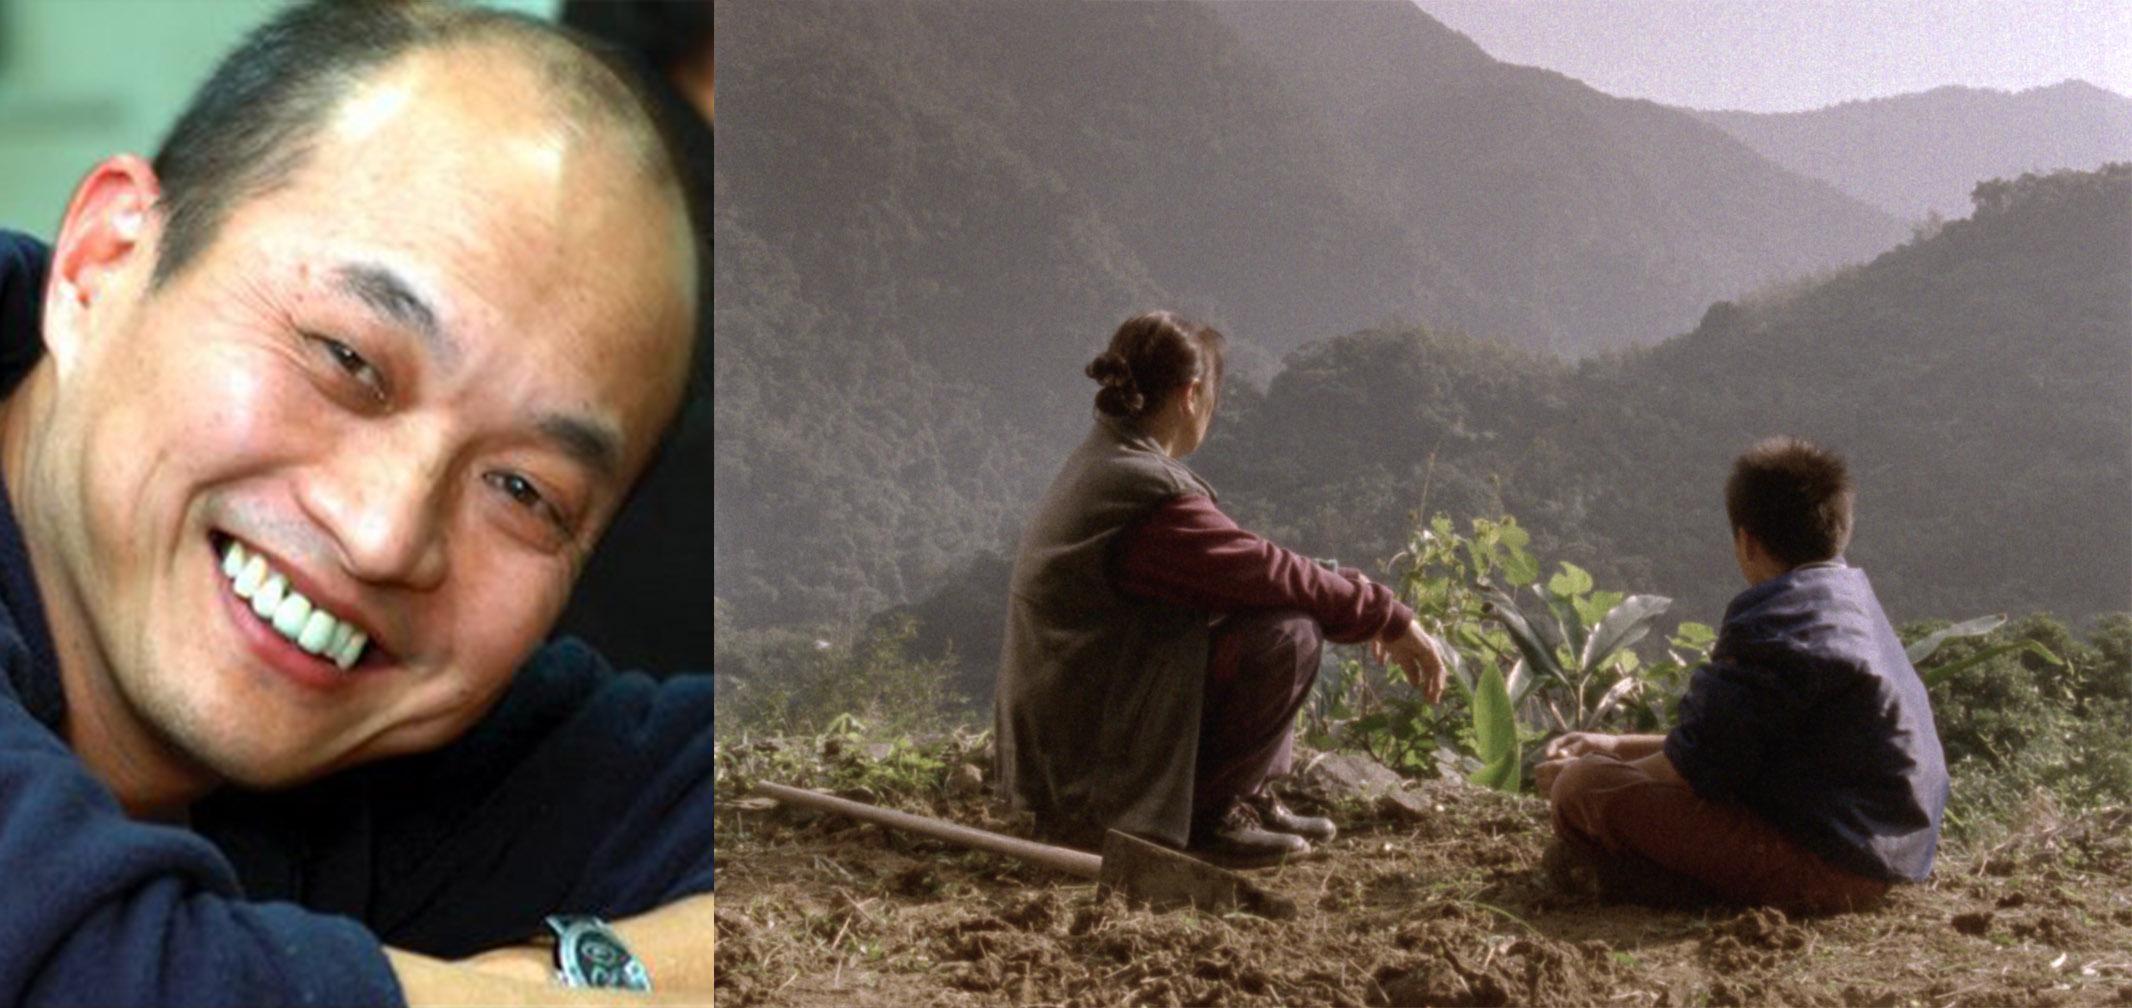 郑文堂的《风中的小米田》为当年金马奖最佳创作短片得主